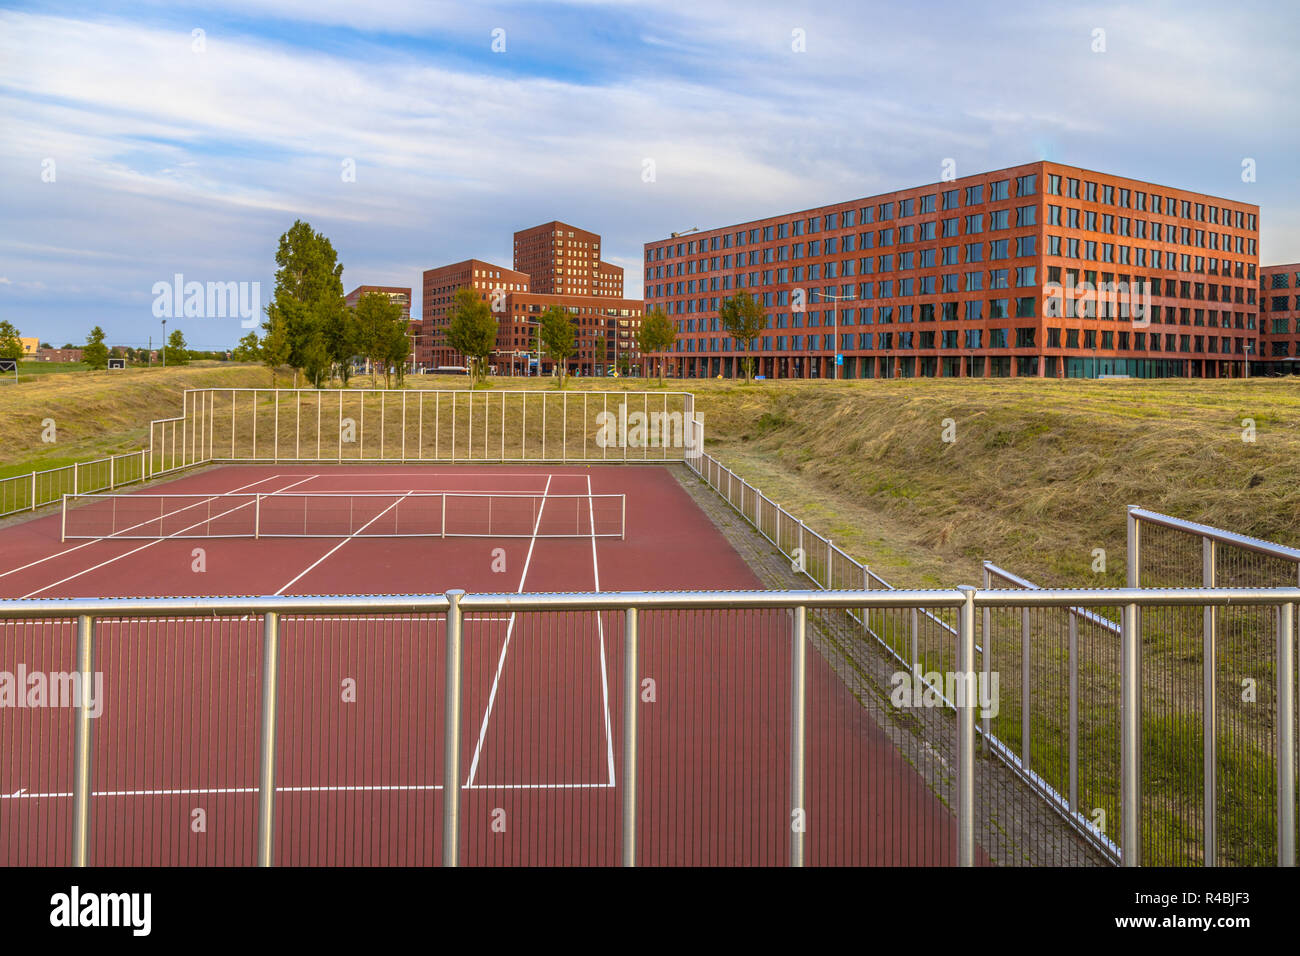 Instalación deportiva pública en parque cerca de las oficinas del distrito financiero en una zona suburbana en La Haya, Países Bajos Imagen De Stock